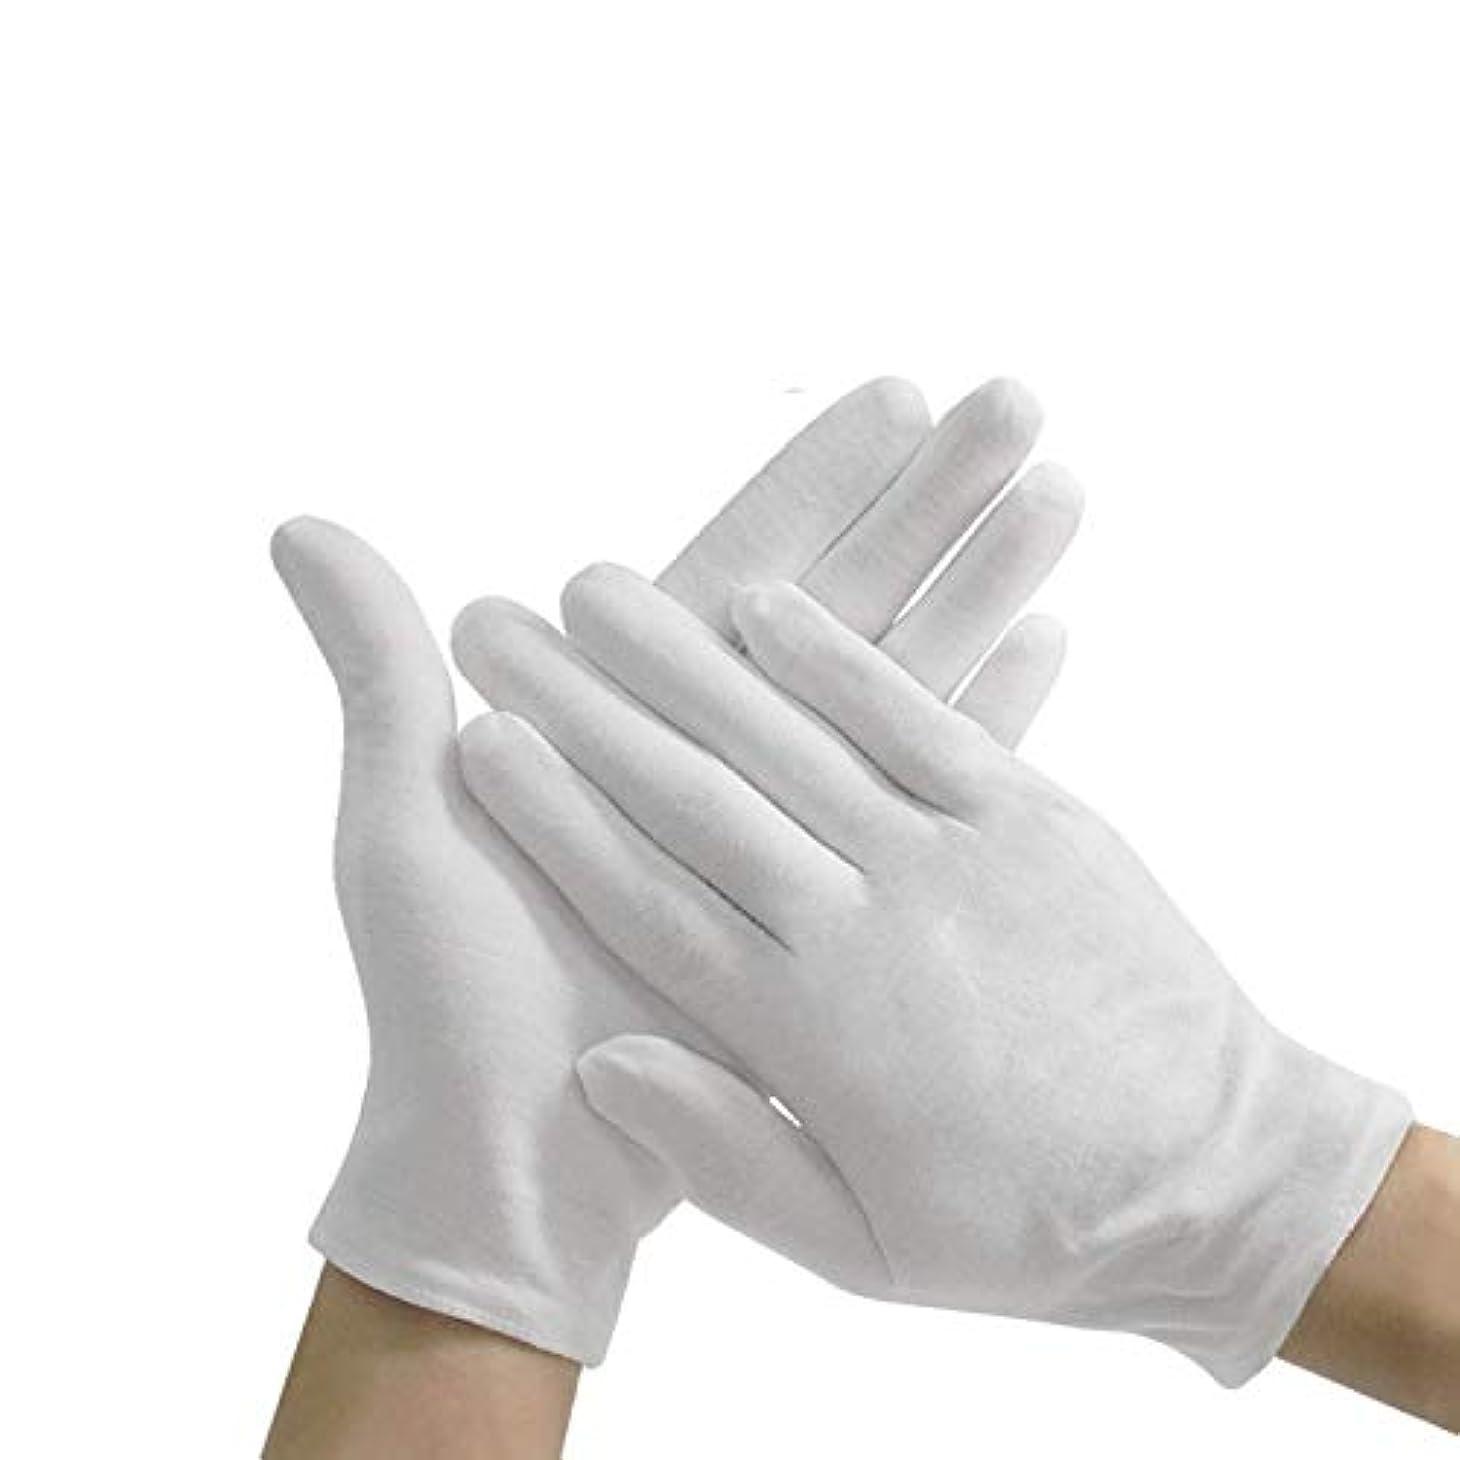 泥棒不運病者コットン手袋 純綿100%耐久性が強い上に軽く高品質伸縮性通気性抜群 白 12双組